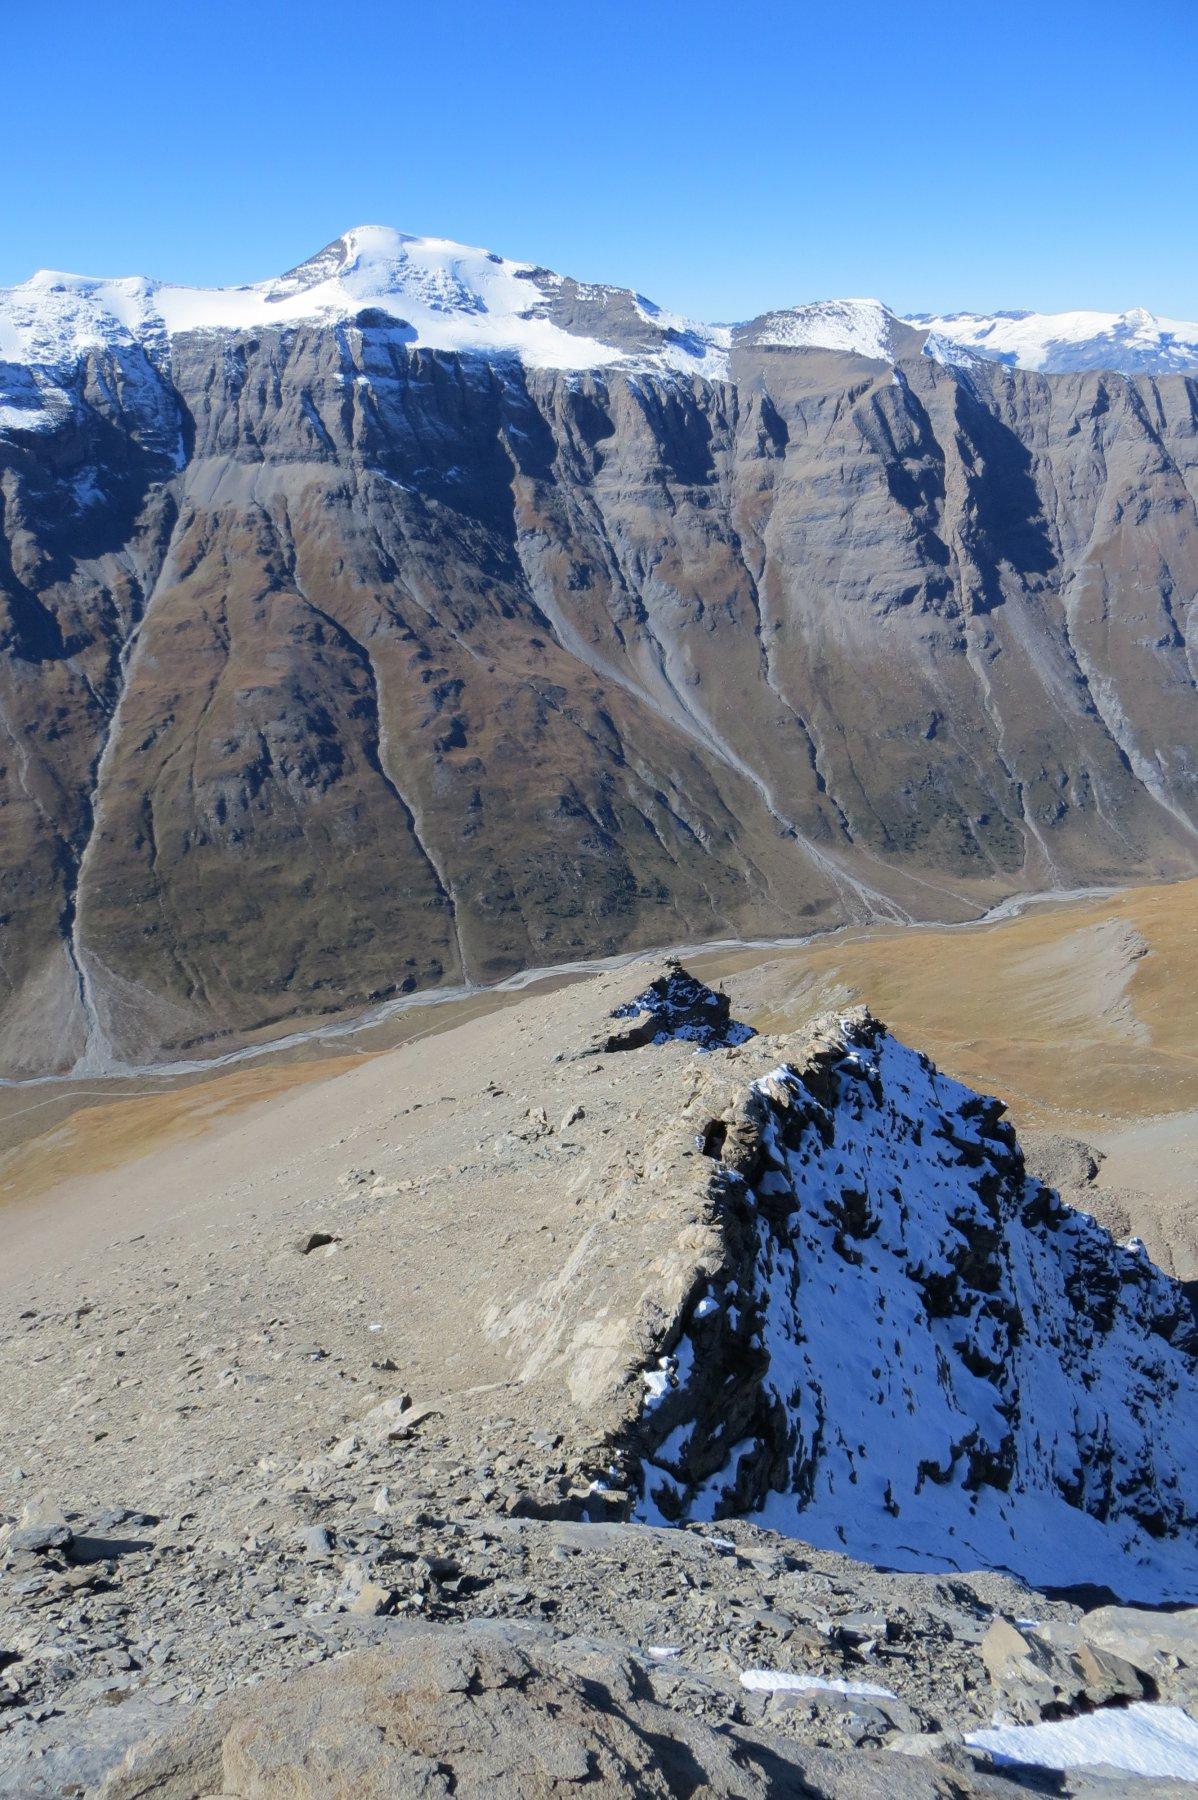 risalendo la cresta ovest - sullo sfondo la Roncia